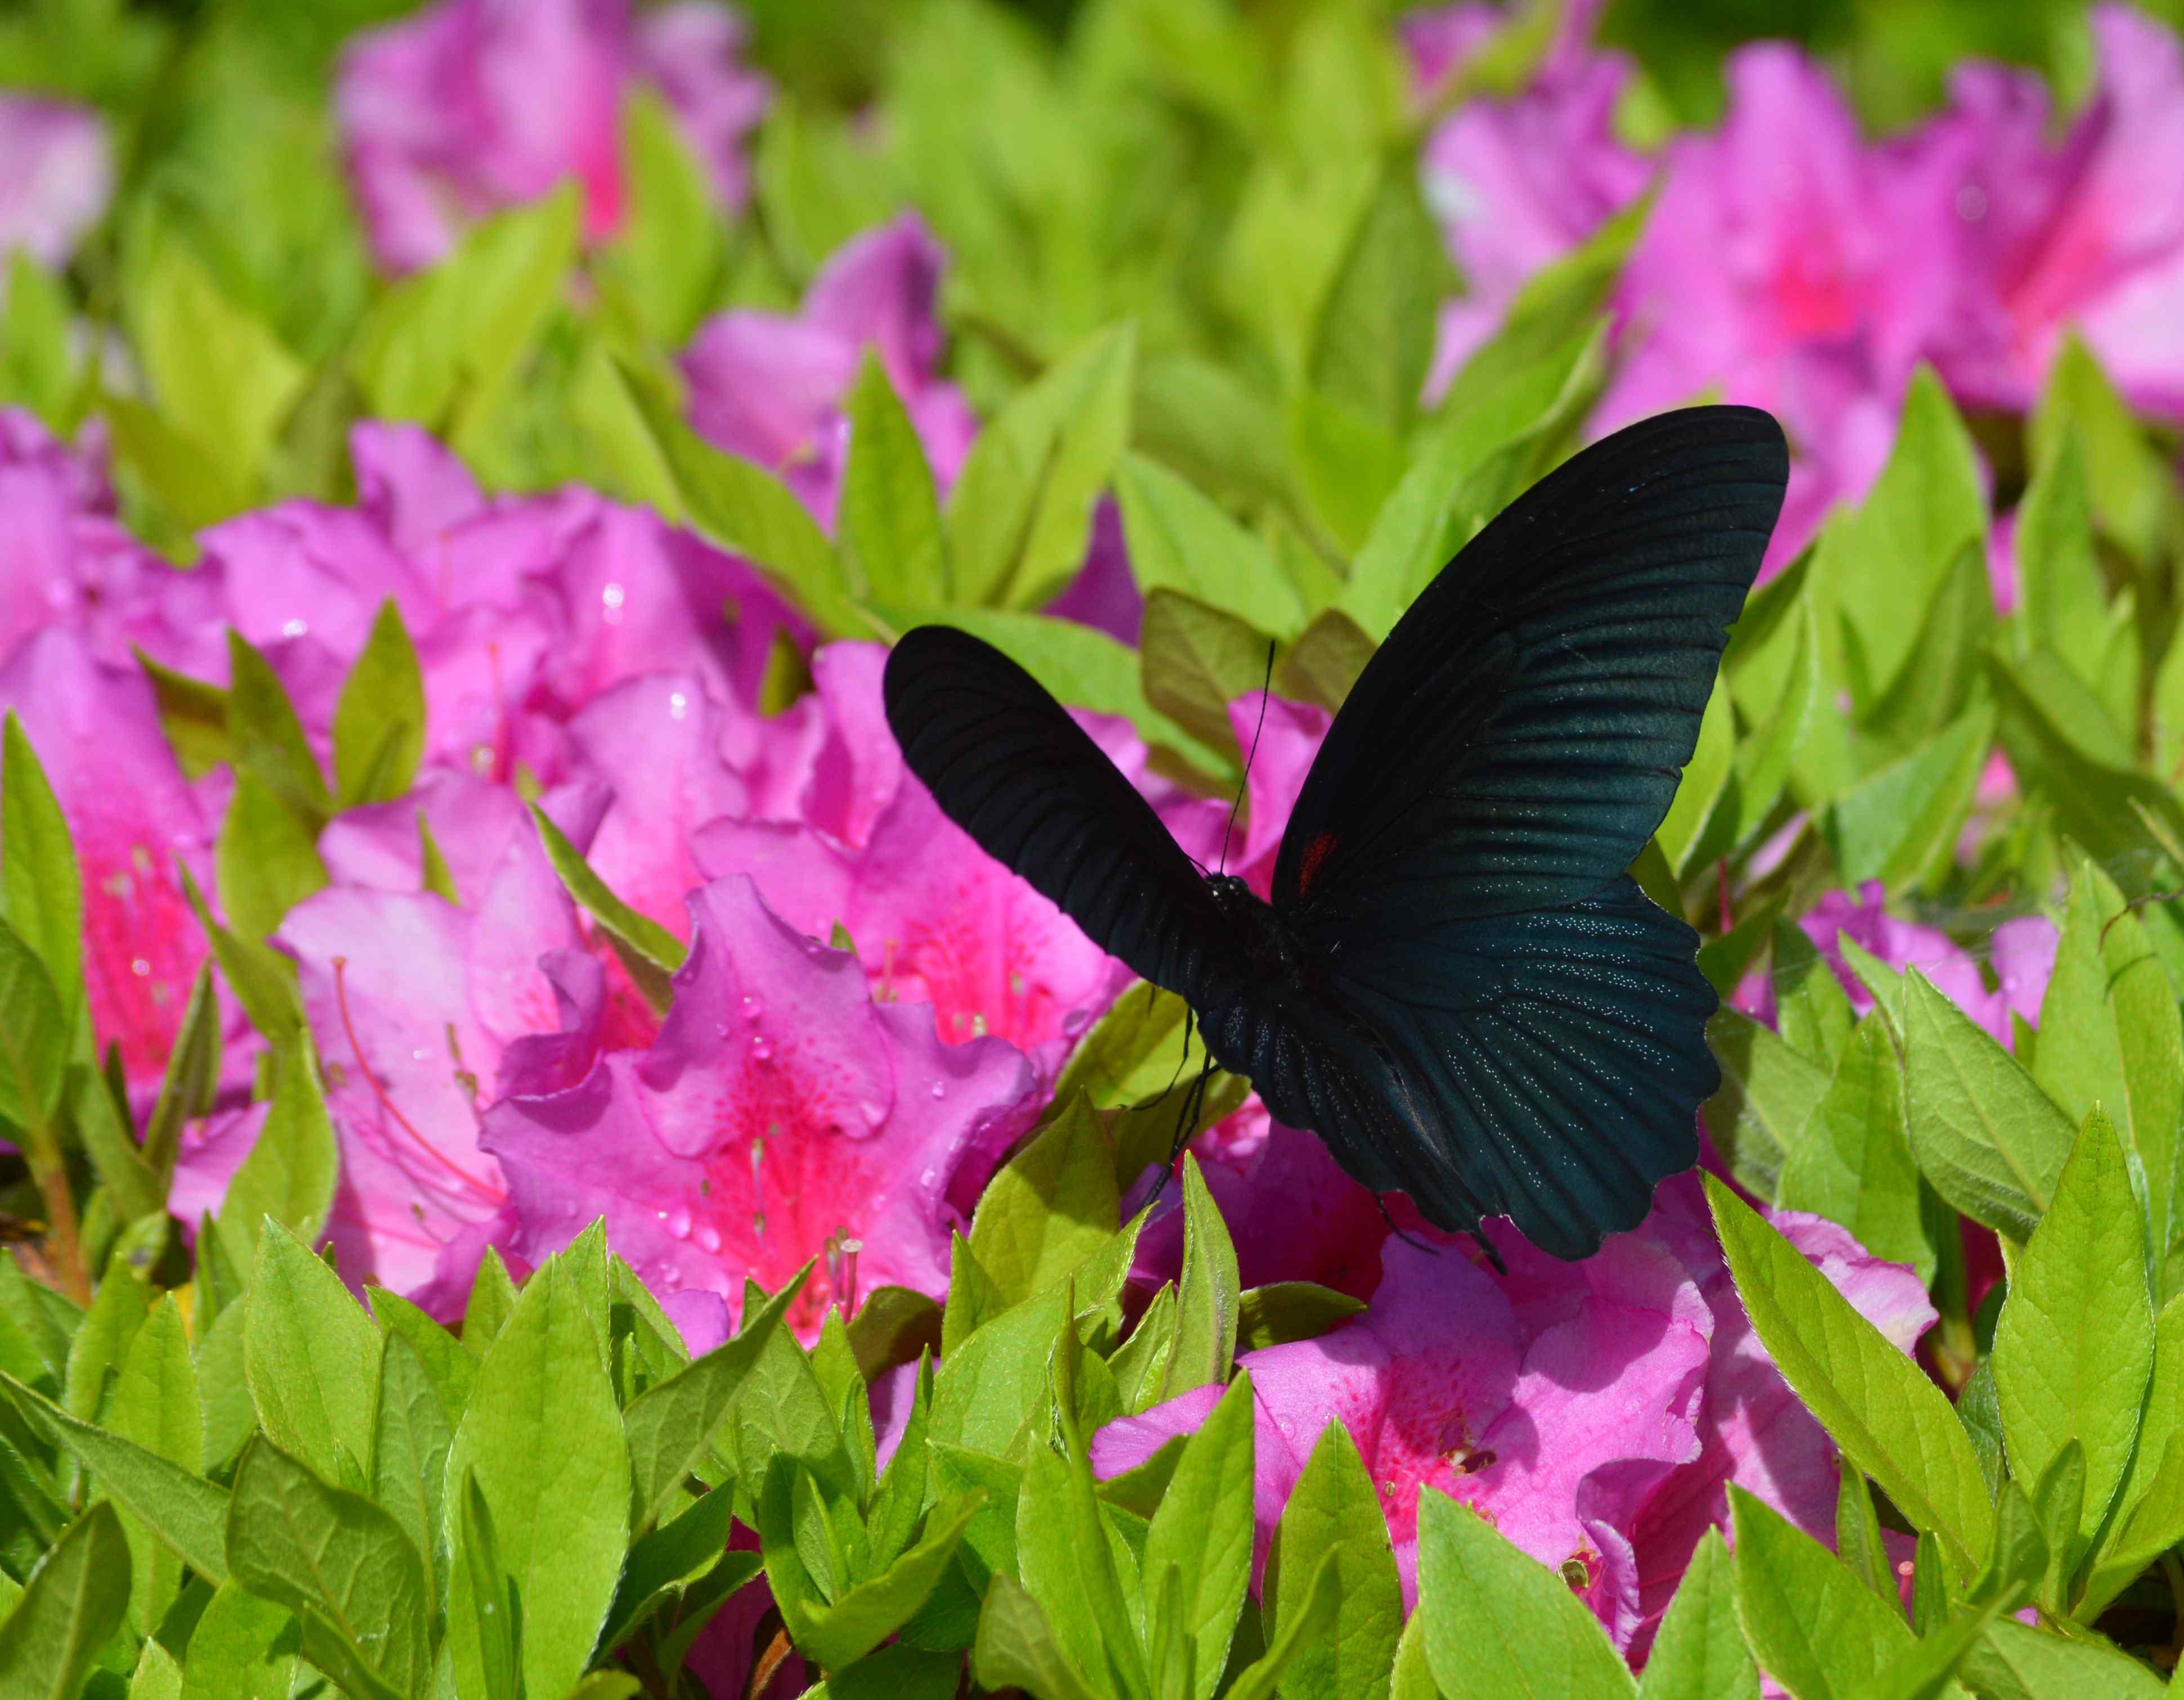 ナガサキアゲハ 5月2日ツツジの咲く公園にて_d0254540_17231596.jpg